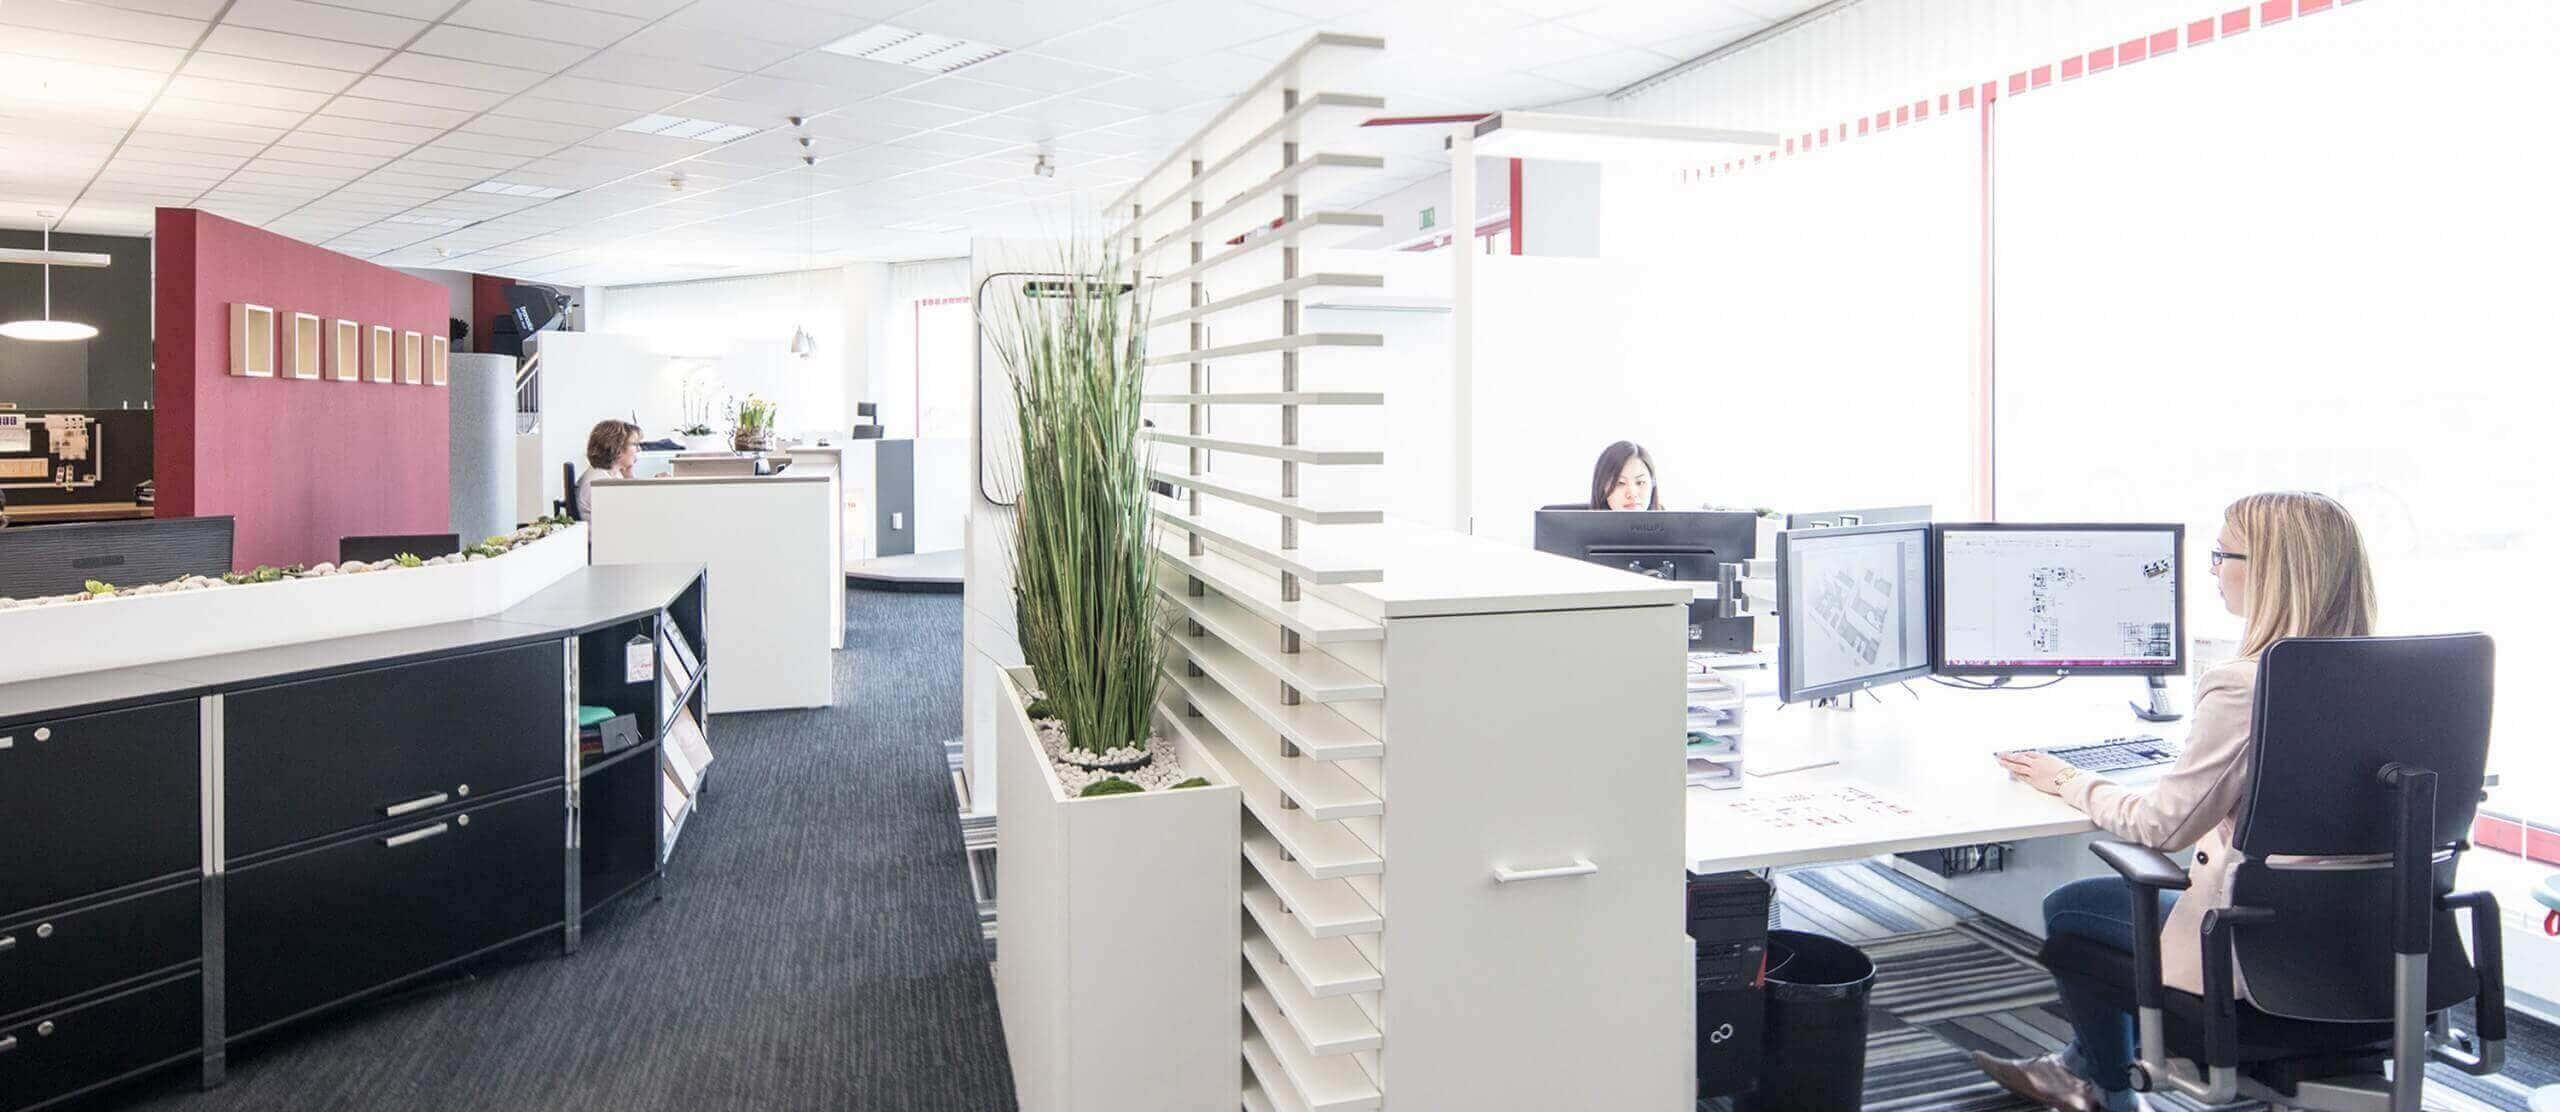 Büroeinrichtungen und Möbel nach Wunsch in ASBO – Ihre Büroeinrichtung in Tauberbischofsheim